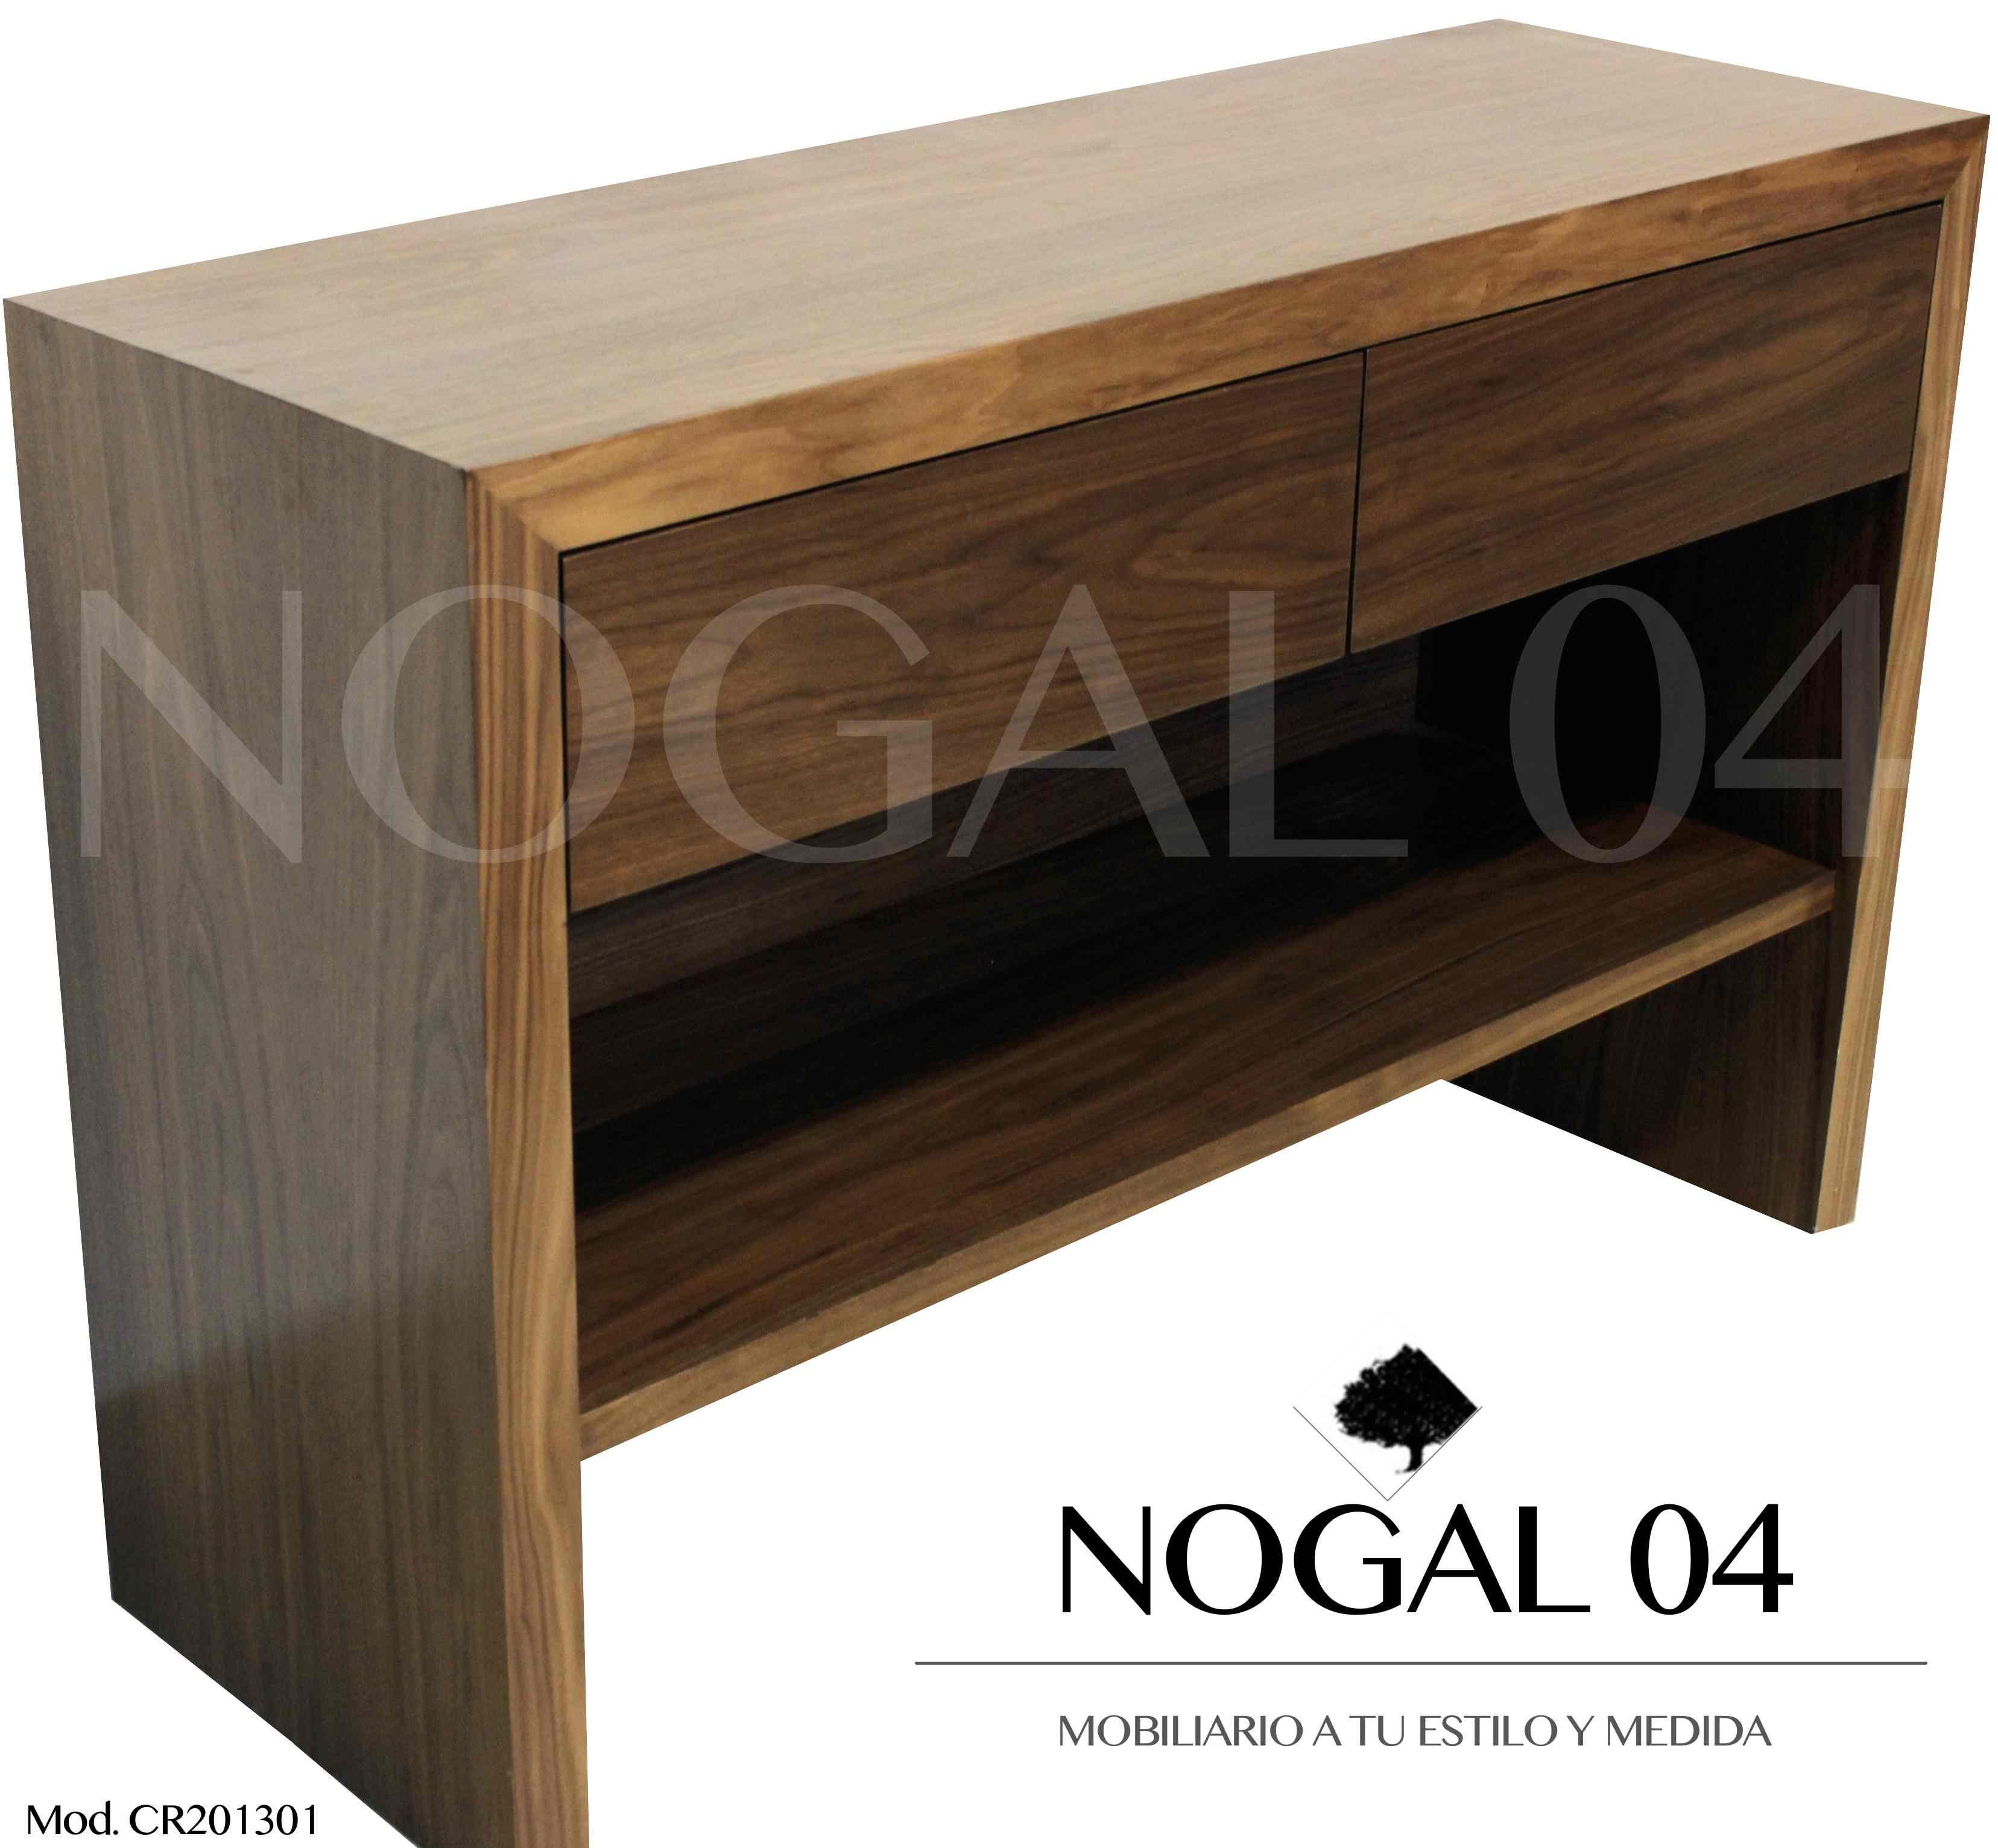 Credenza para Recibidor en madera de Nogal, acabado semi mate ...